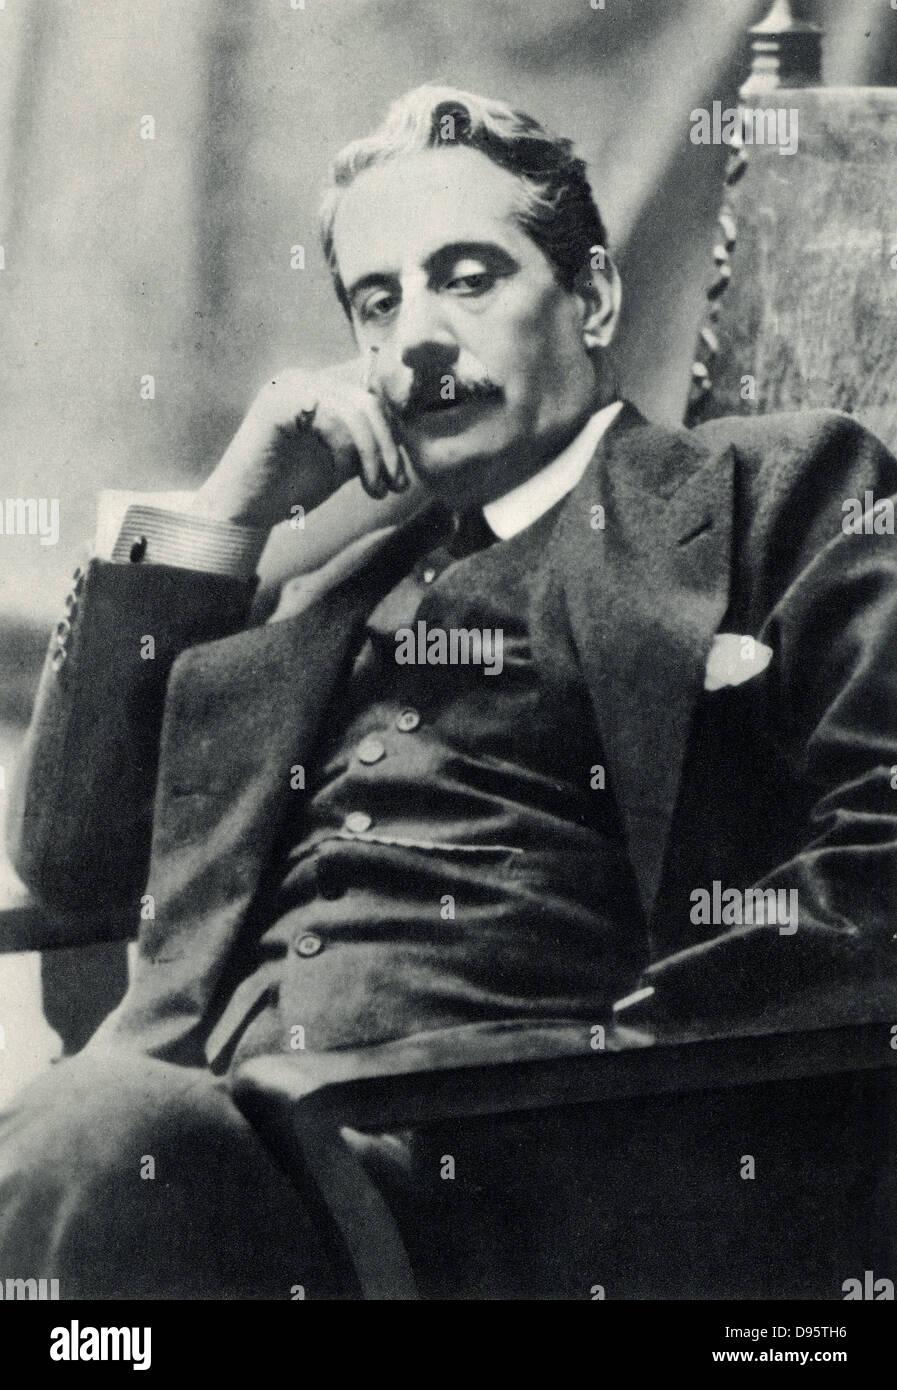 Giacomo Puccini (1858-1924) nel 1910. Compositore italiano, principalmente di opera. Dopo una fotografia. Immagini Stock